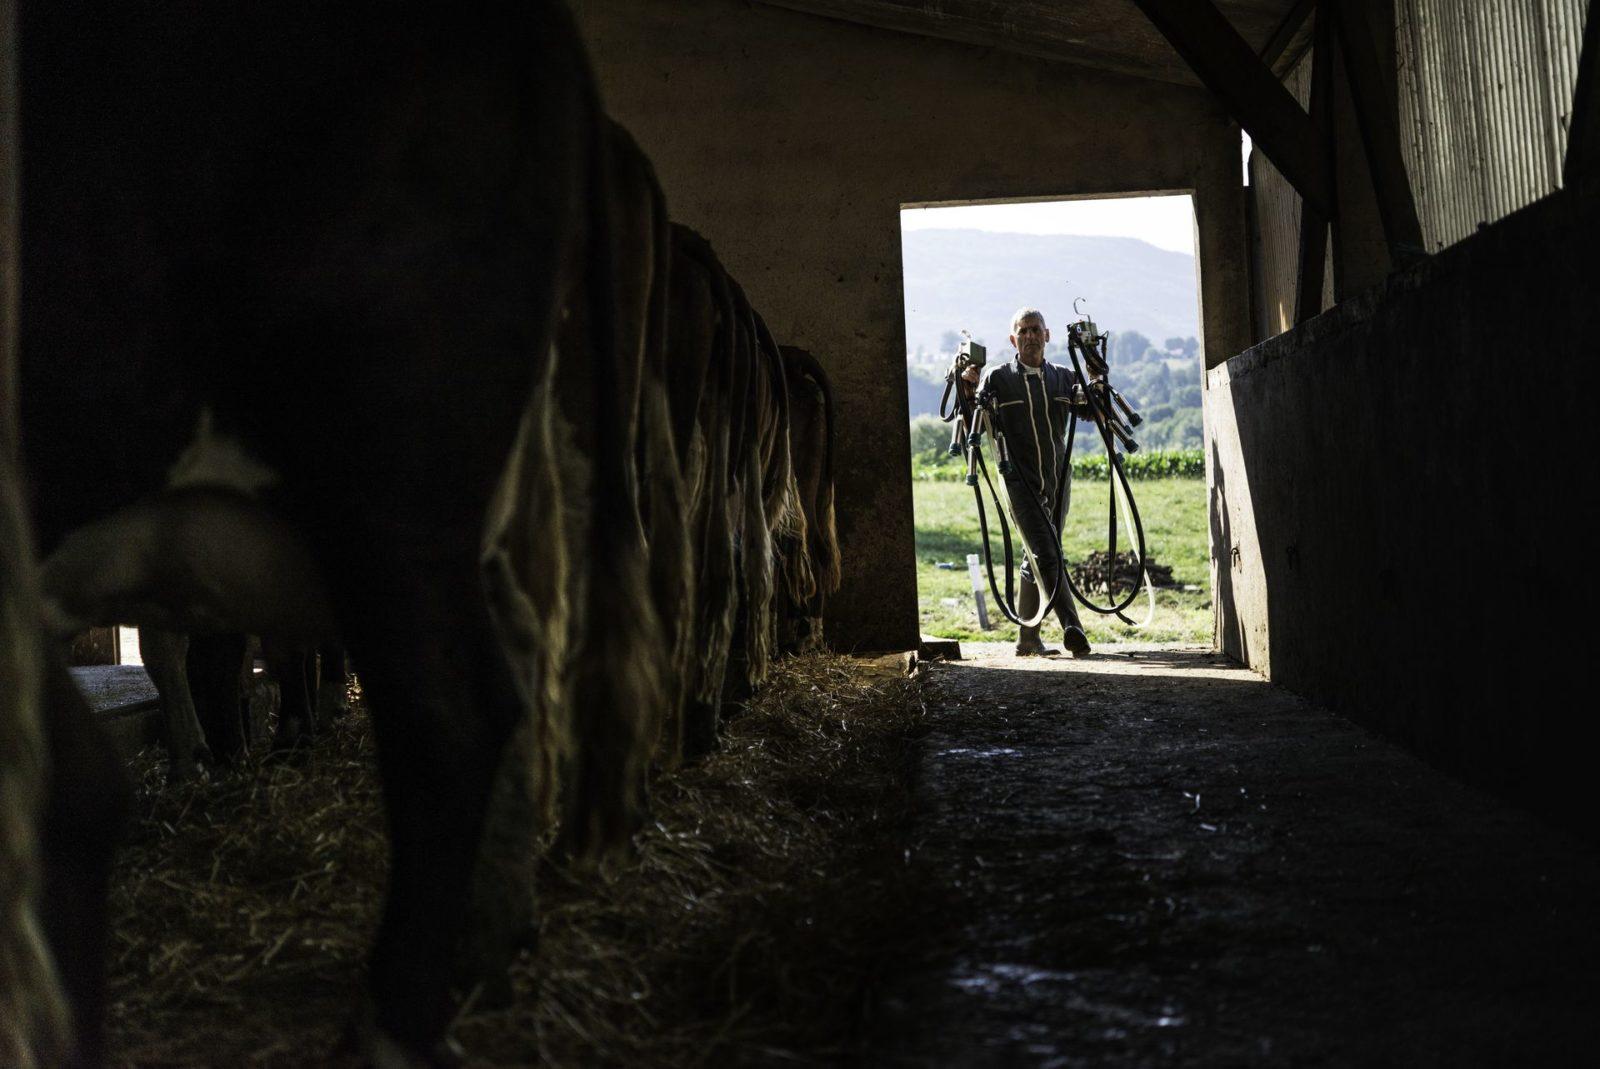 Le lait est collecté quotidiennement pour être amené à la fromagerie le plus rapidement possible